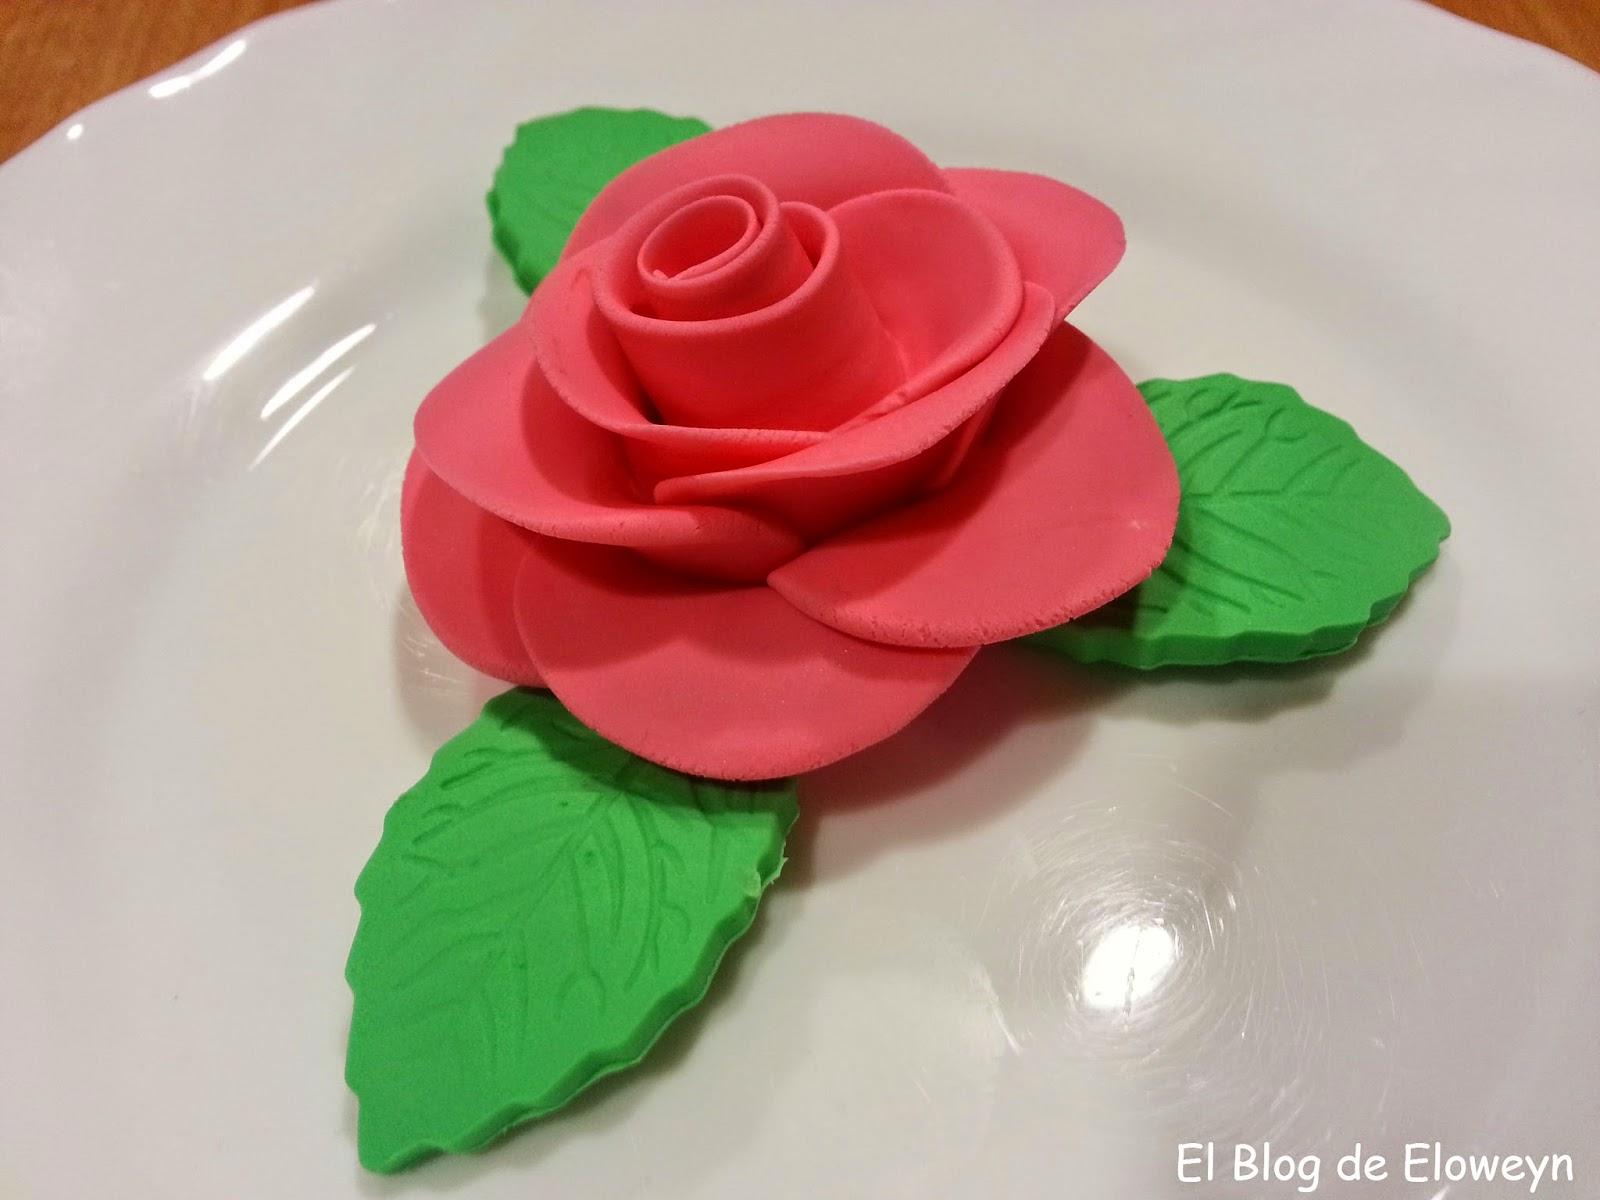 Imagenes De Como Hacer Rosas - Como hacer rosas arcoíris! imagenes y videos nuevos